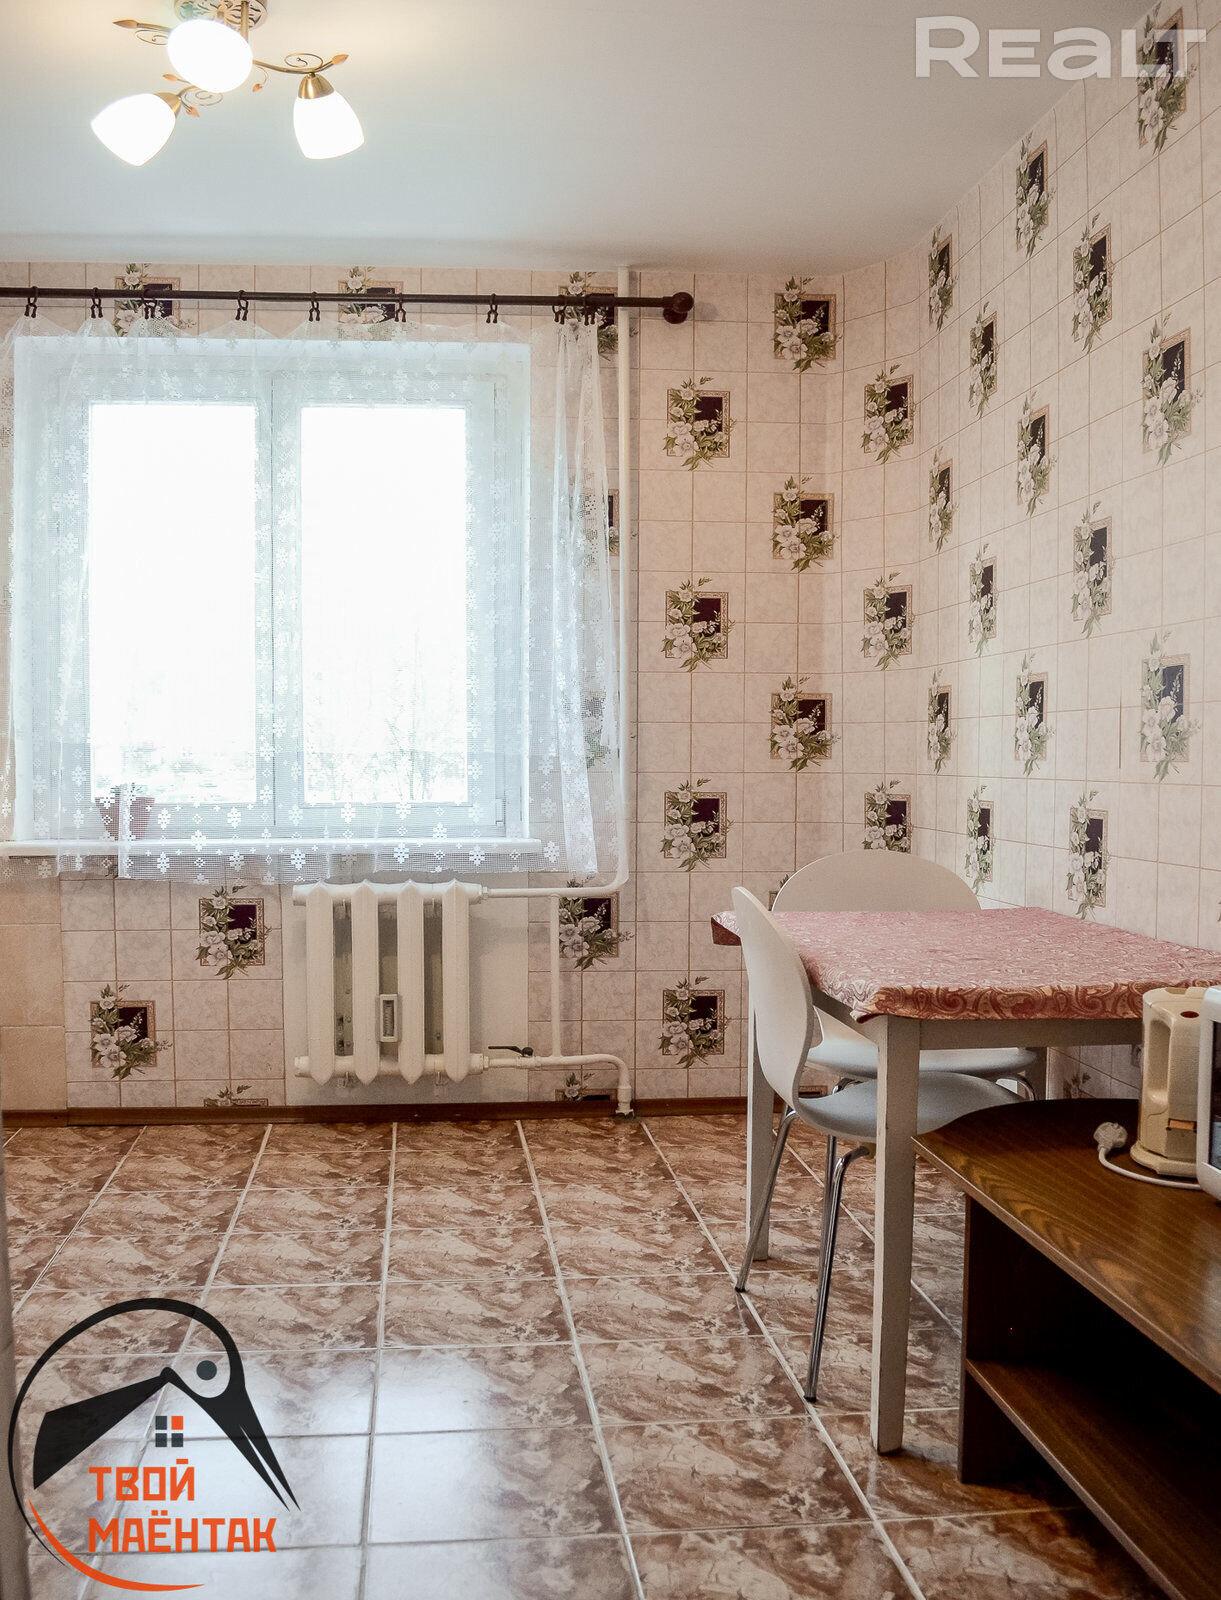 Продается 1 комнатная квартира, ул. Лучины д.46 - фото №11